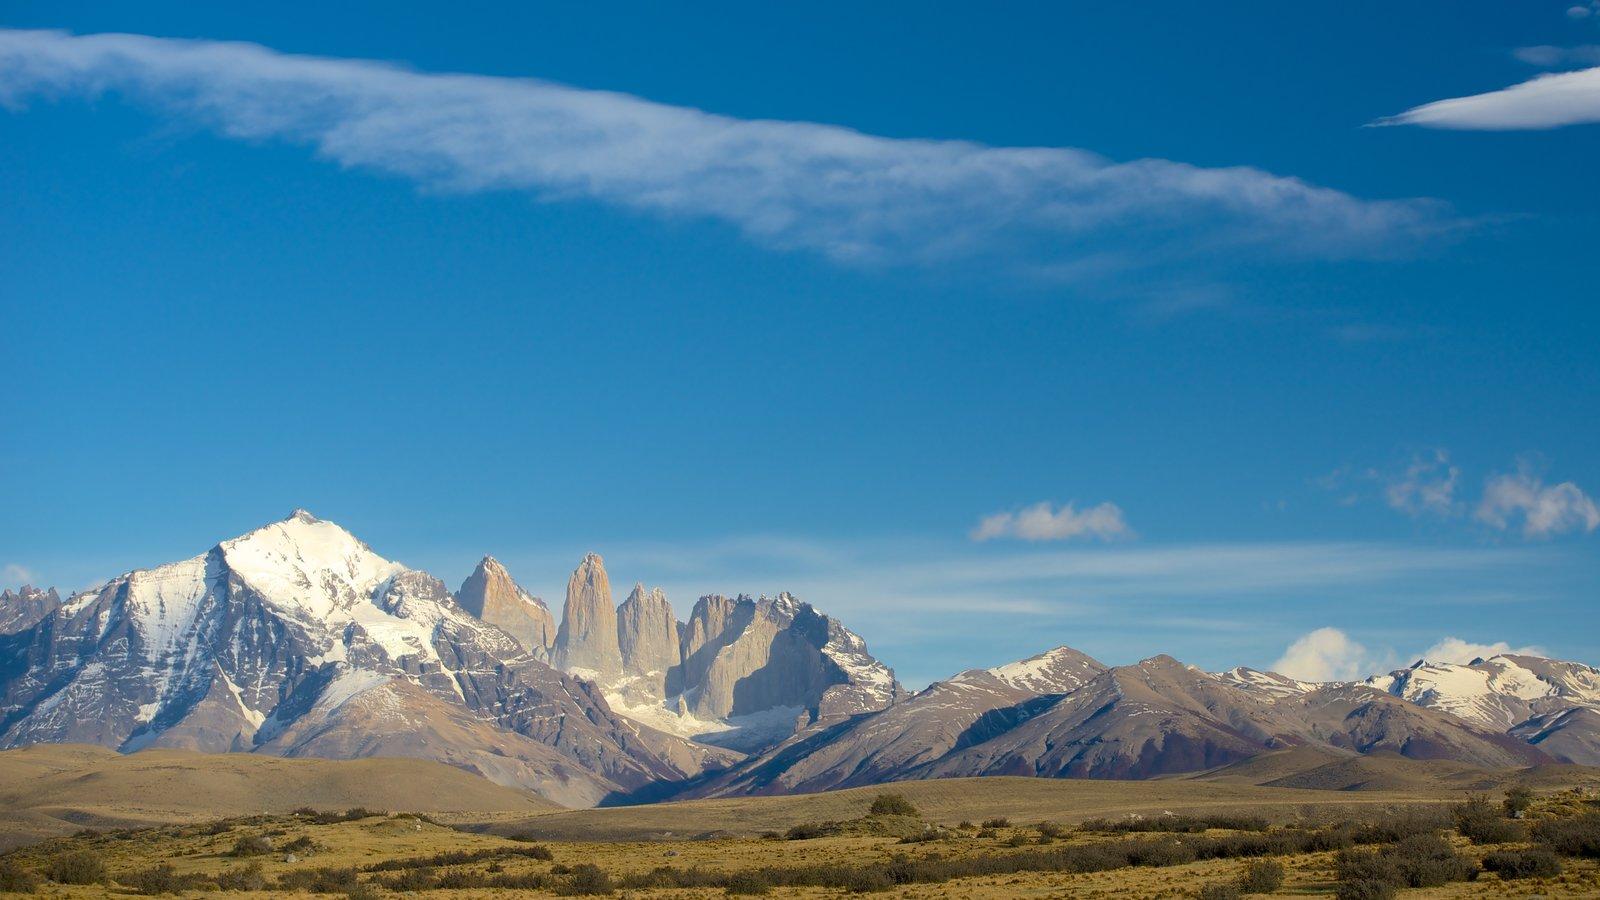 Parque Nacional Torres del Paine caracterizando paisagem, cenas tranquilas e montanhas